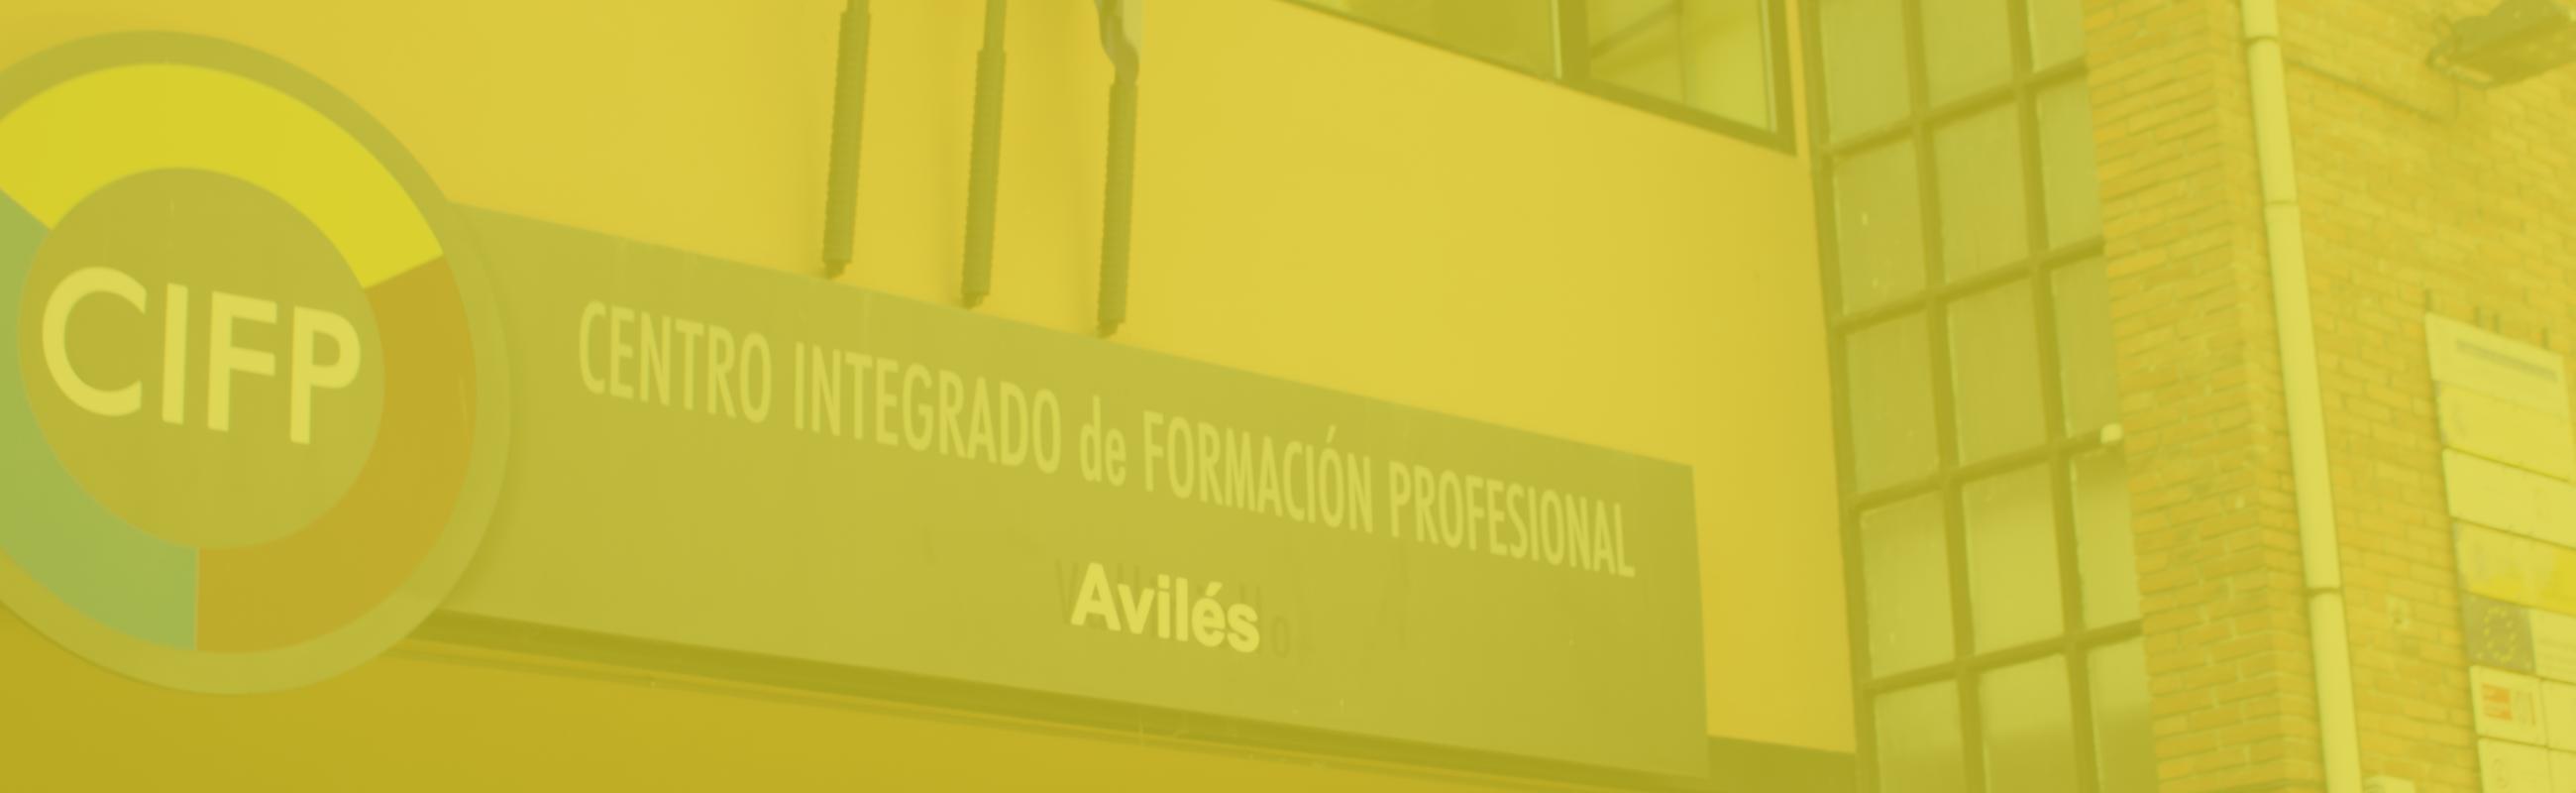 Centro Integrado de Formación Profesional Avilés